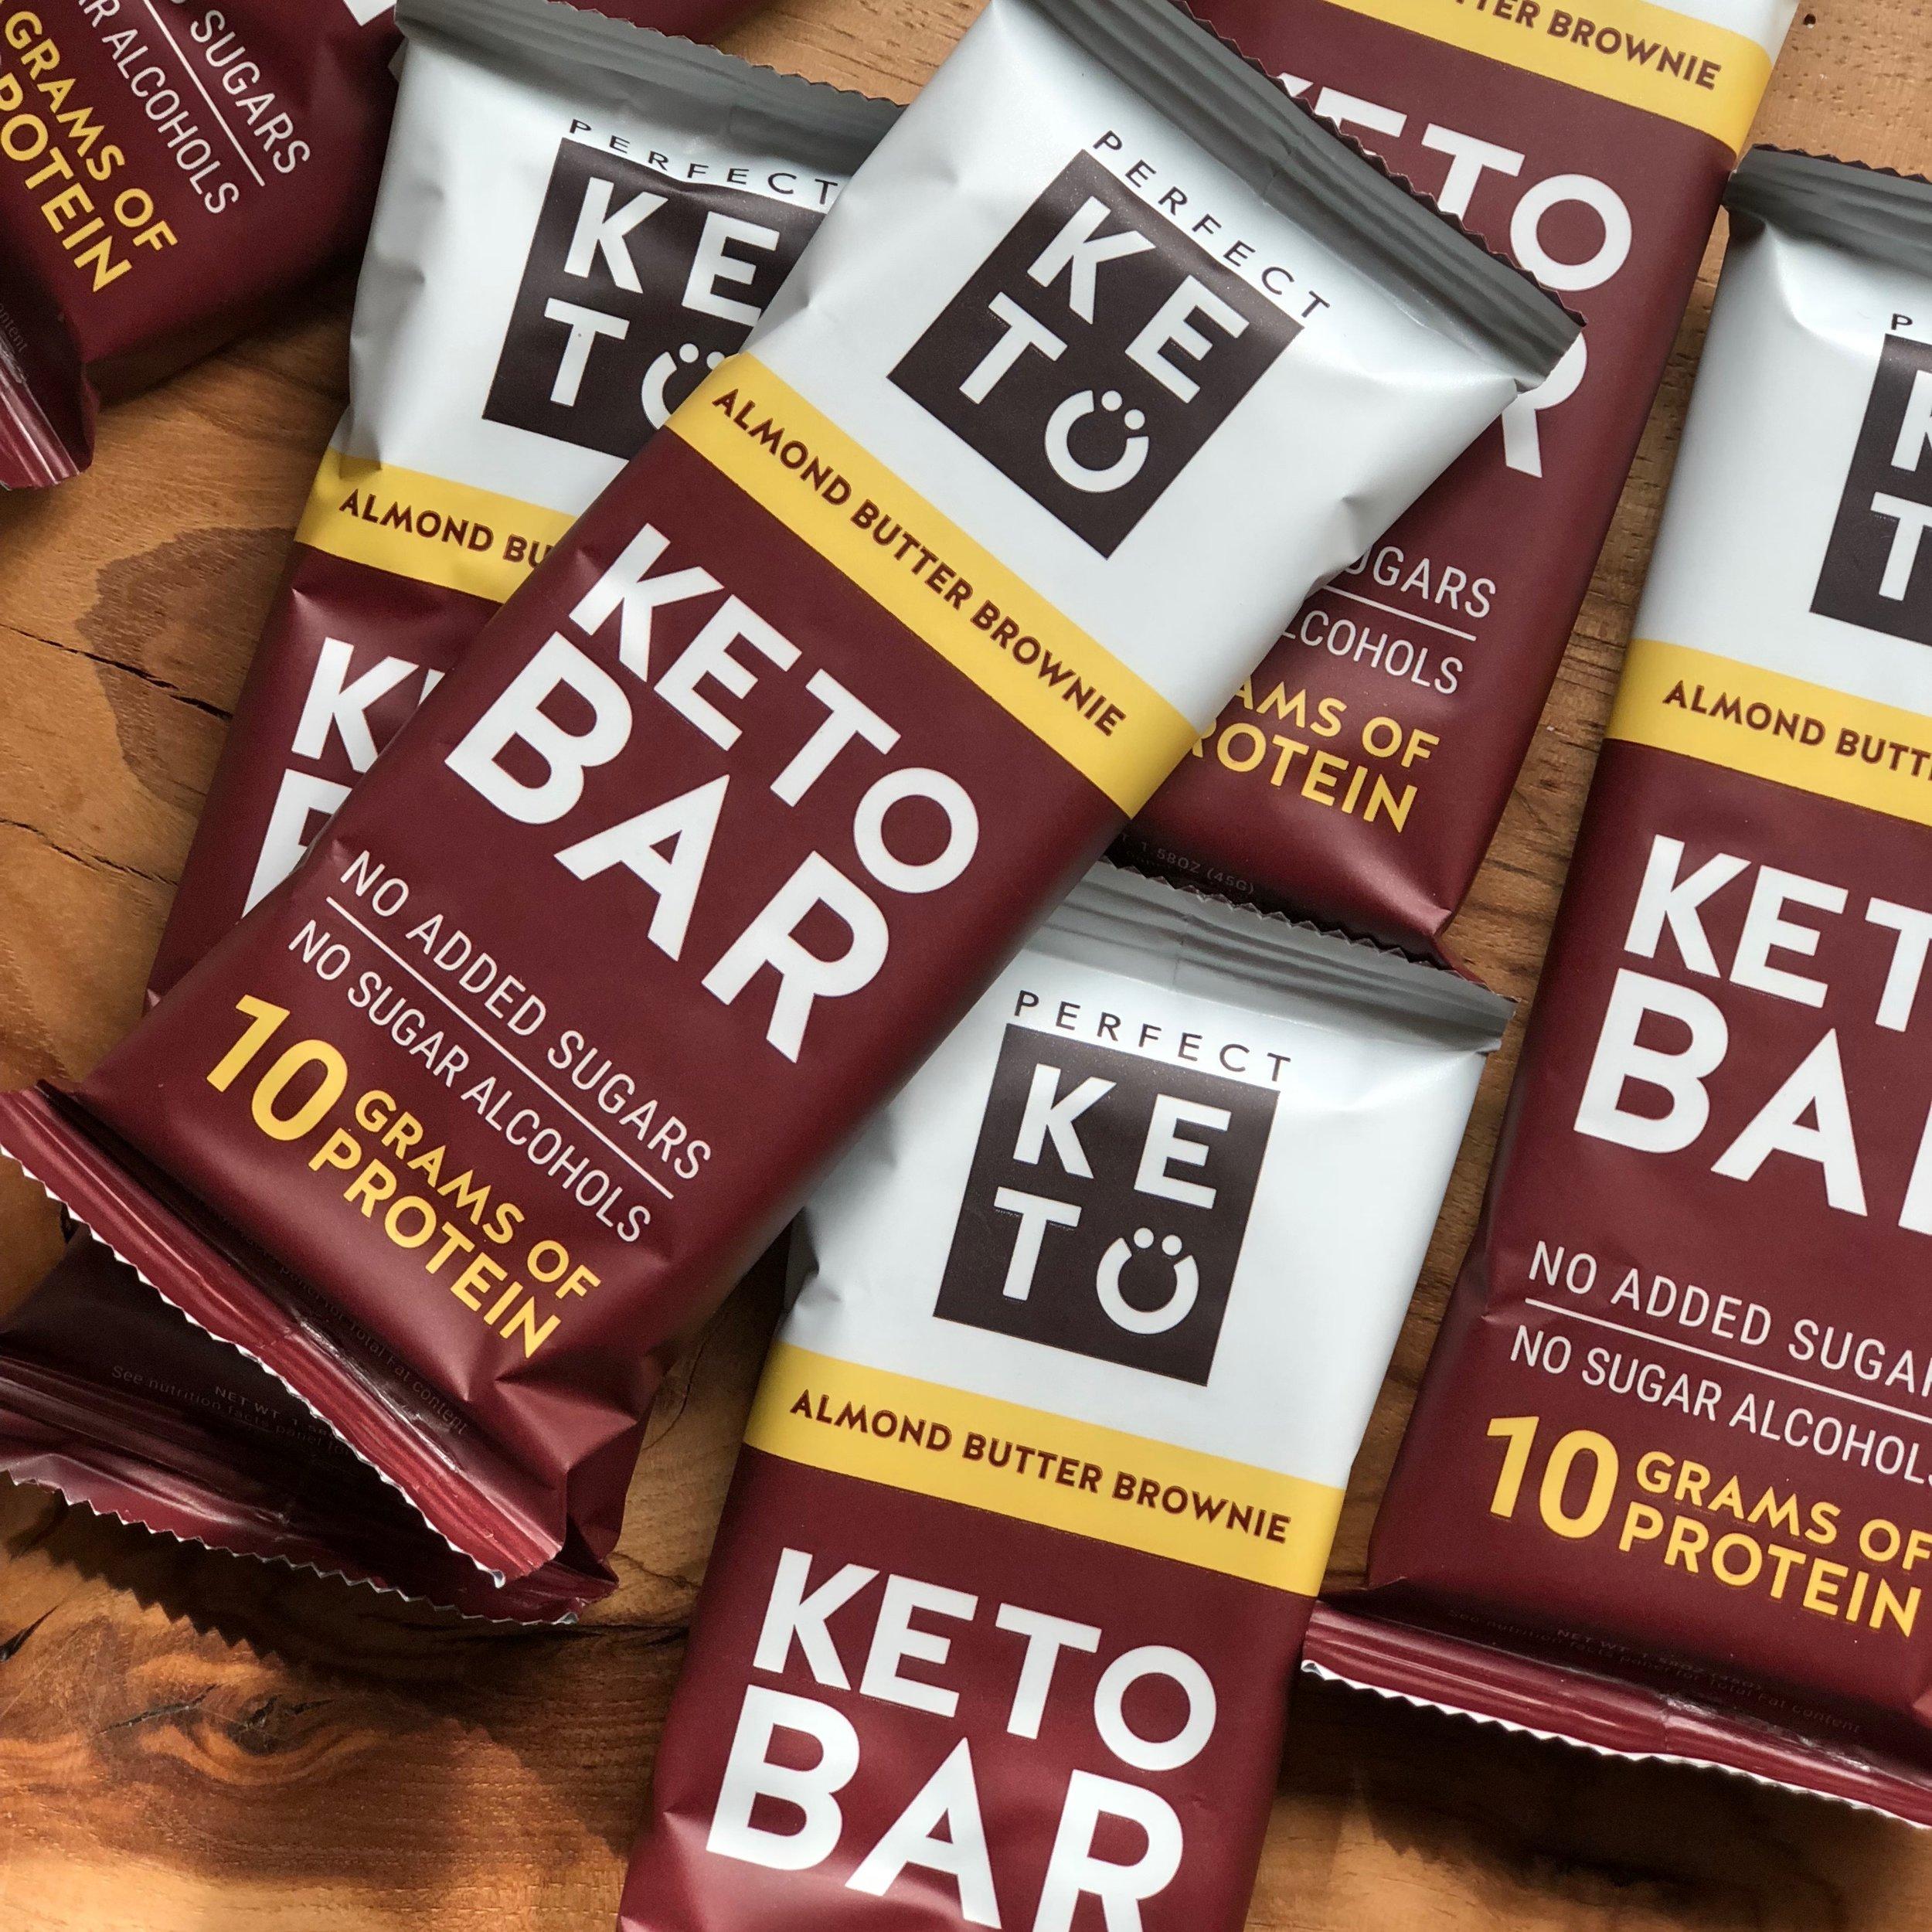 brownie snack bar keto